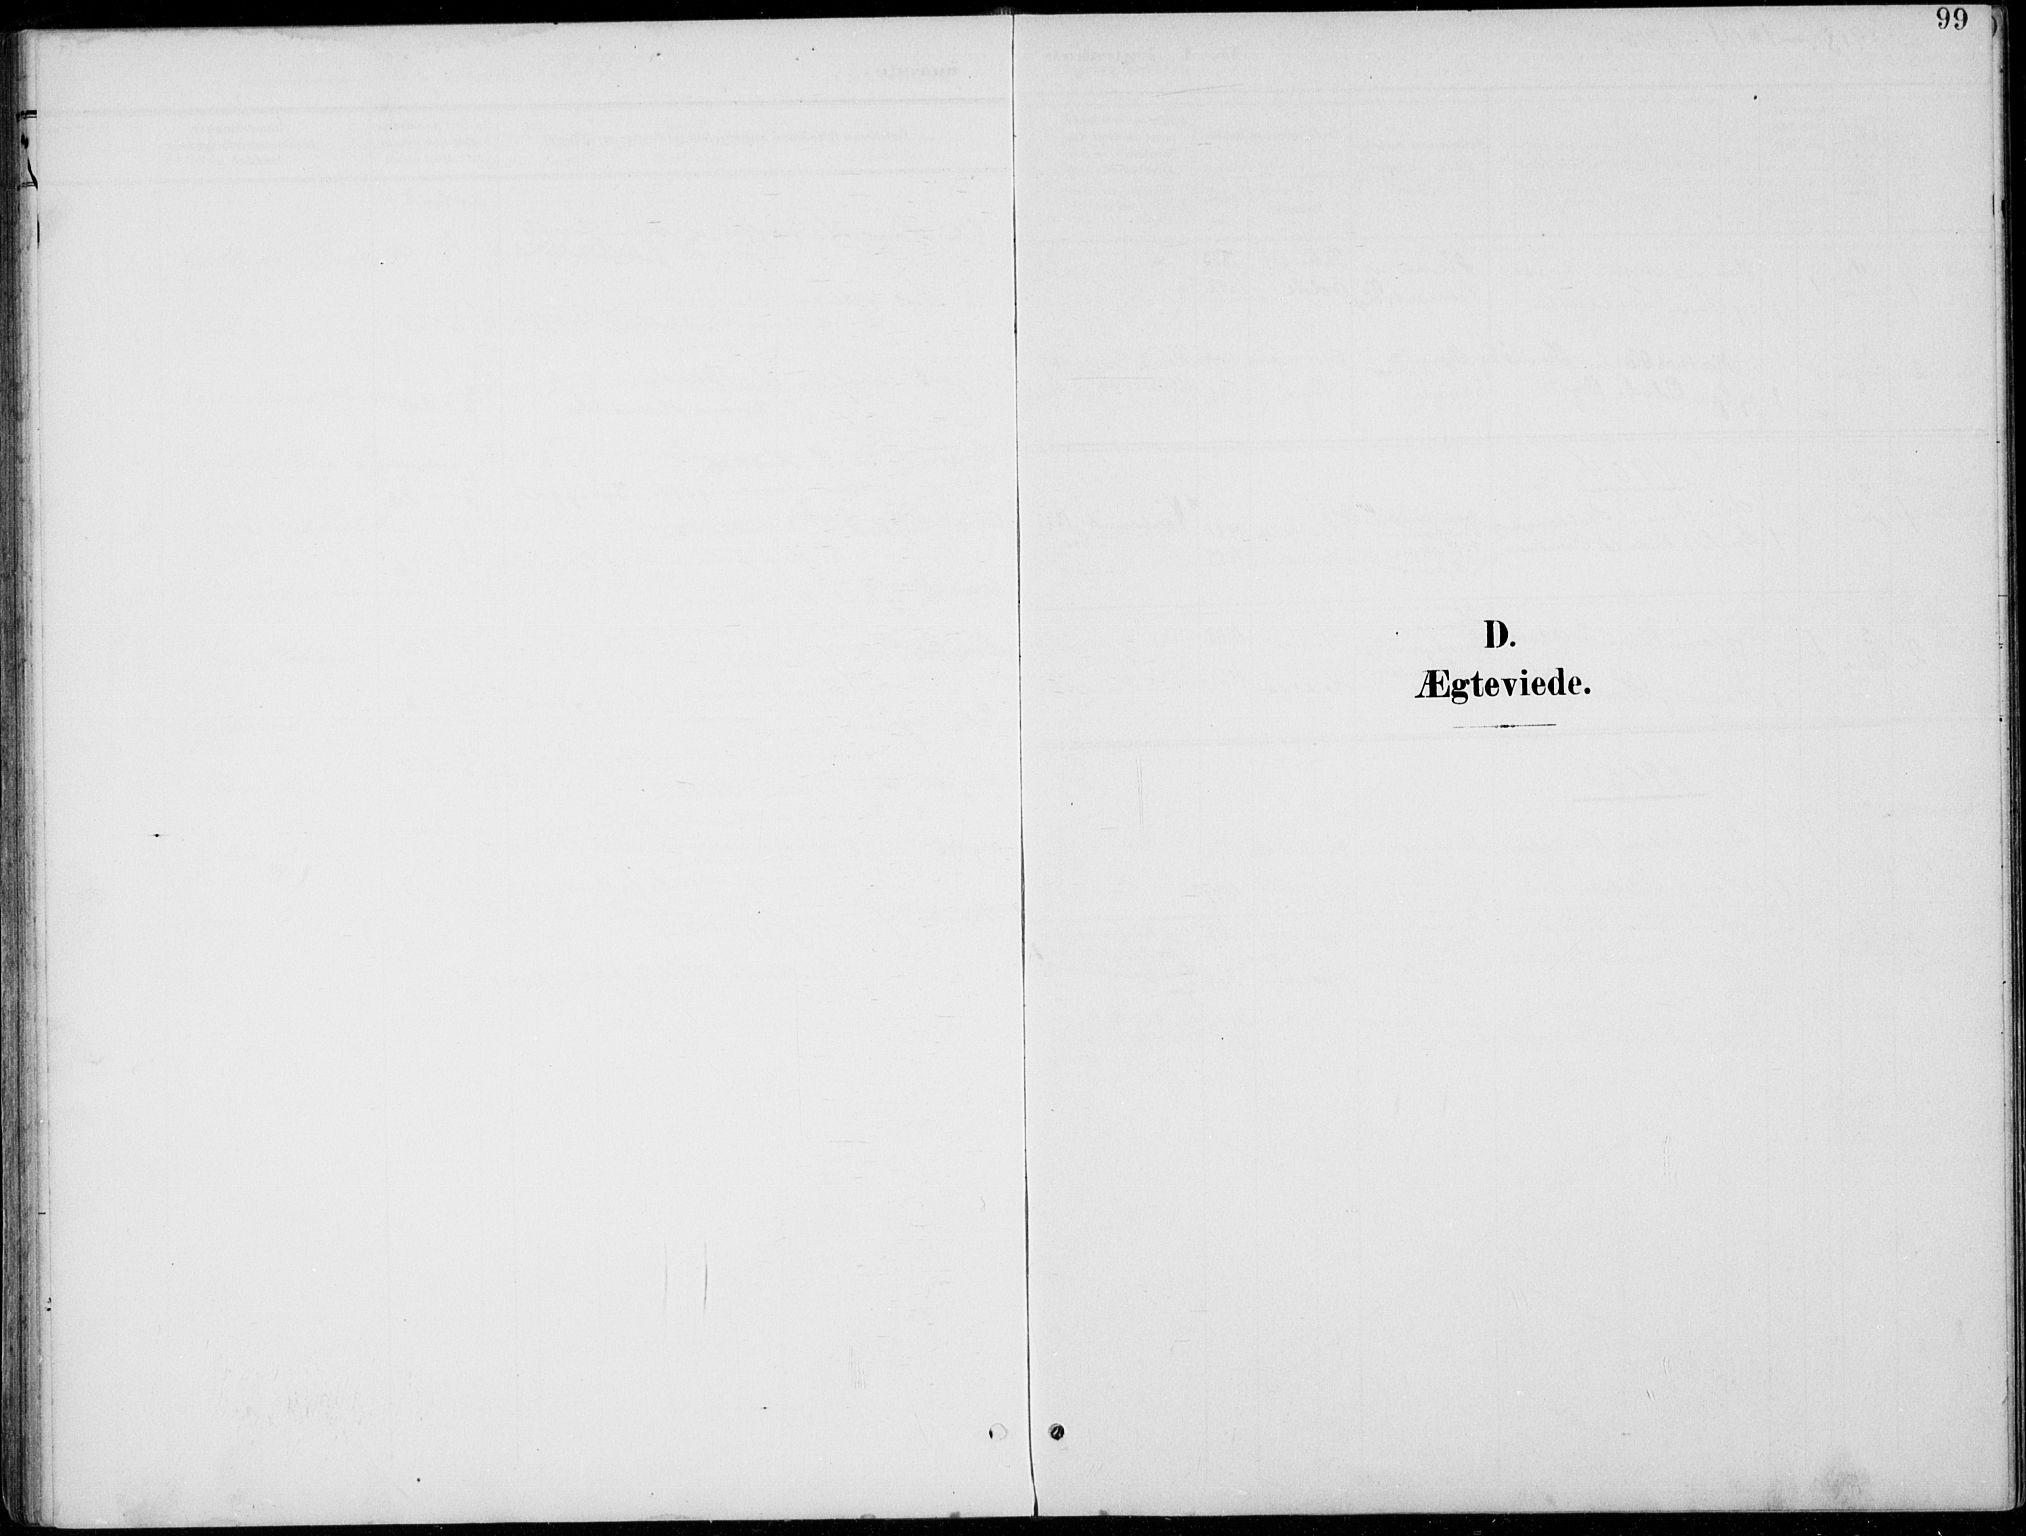 SAH, Lom prestekontor, L/L0006: Klokkerbok nr. 6, 1901-1939, s. 99